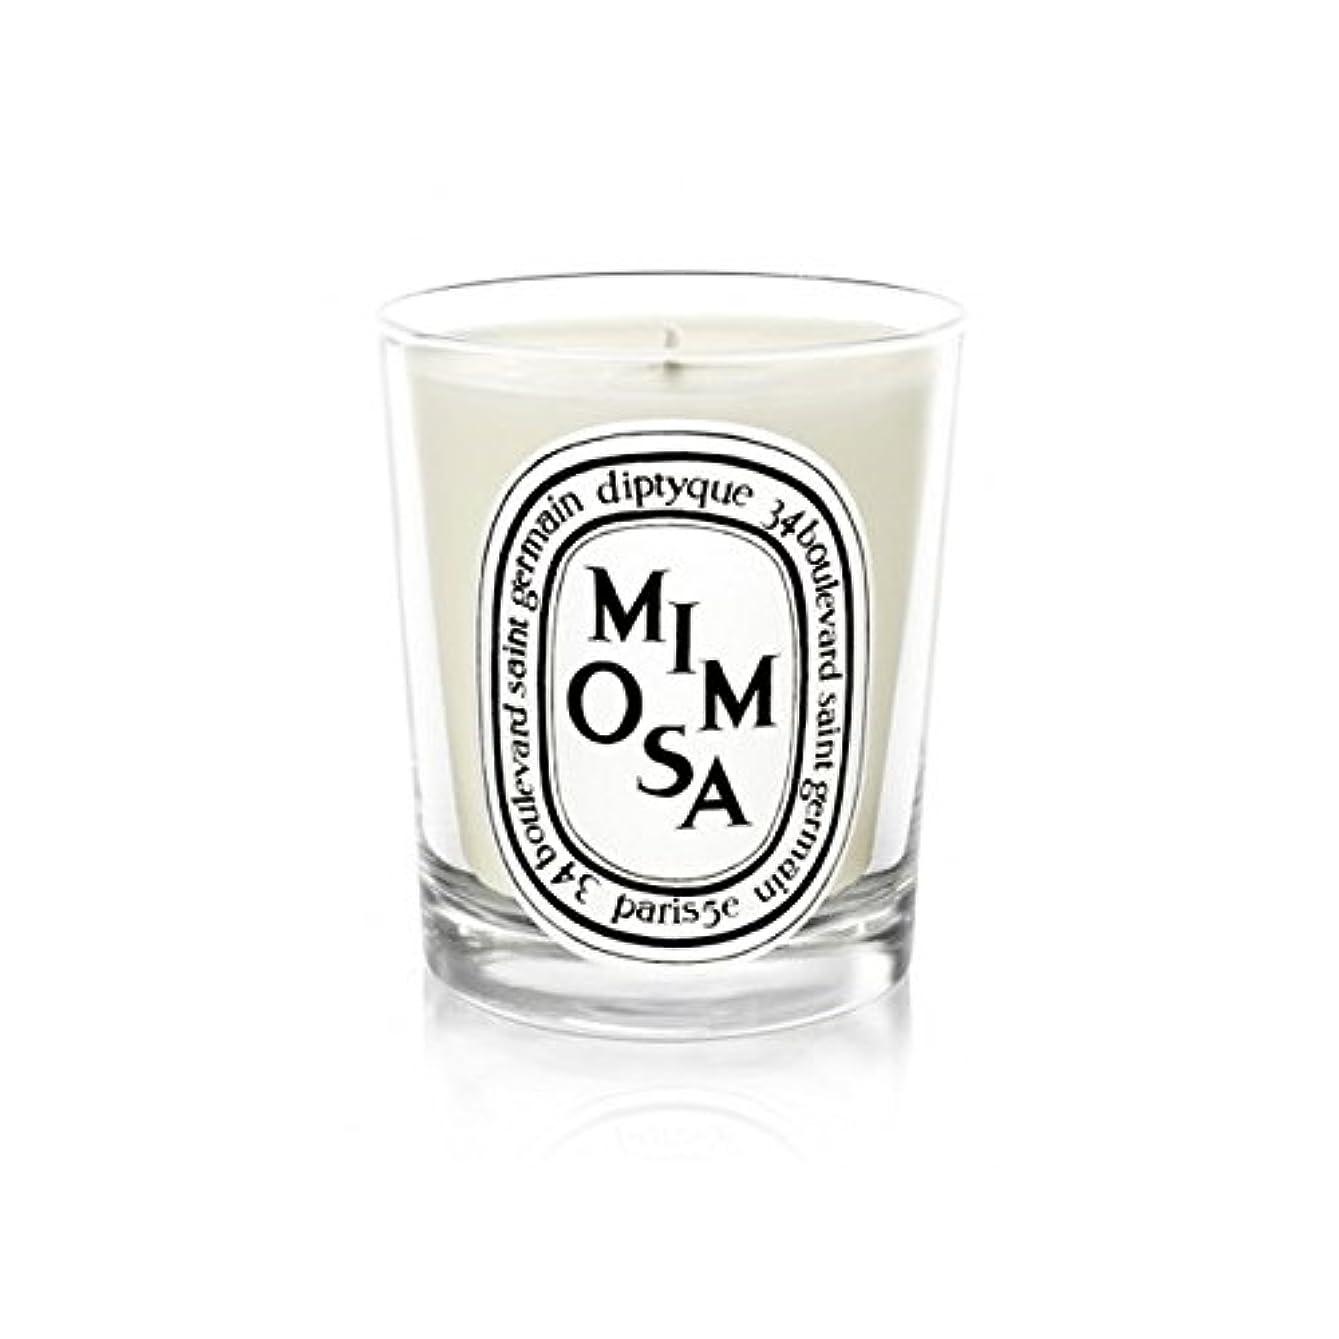 壁血まみれ湿度Diptyqueキャンドルミモザ/ミモザ190グラム - Diptyque Candle Mimosa / Mimosa 190g (Diptyque) [並行輸入品]